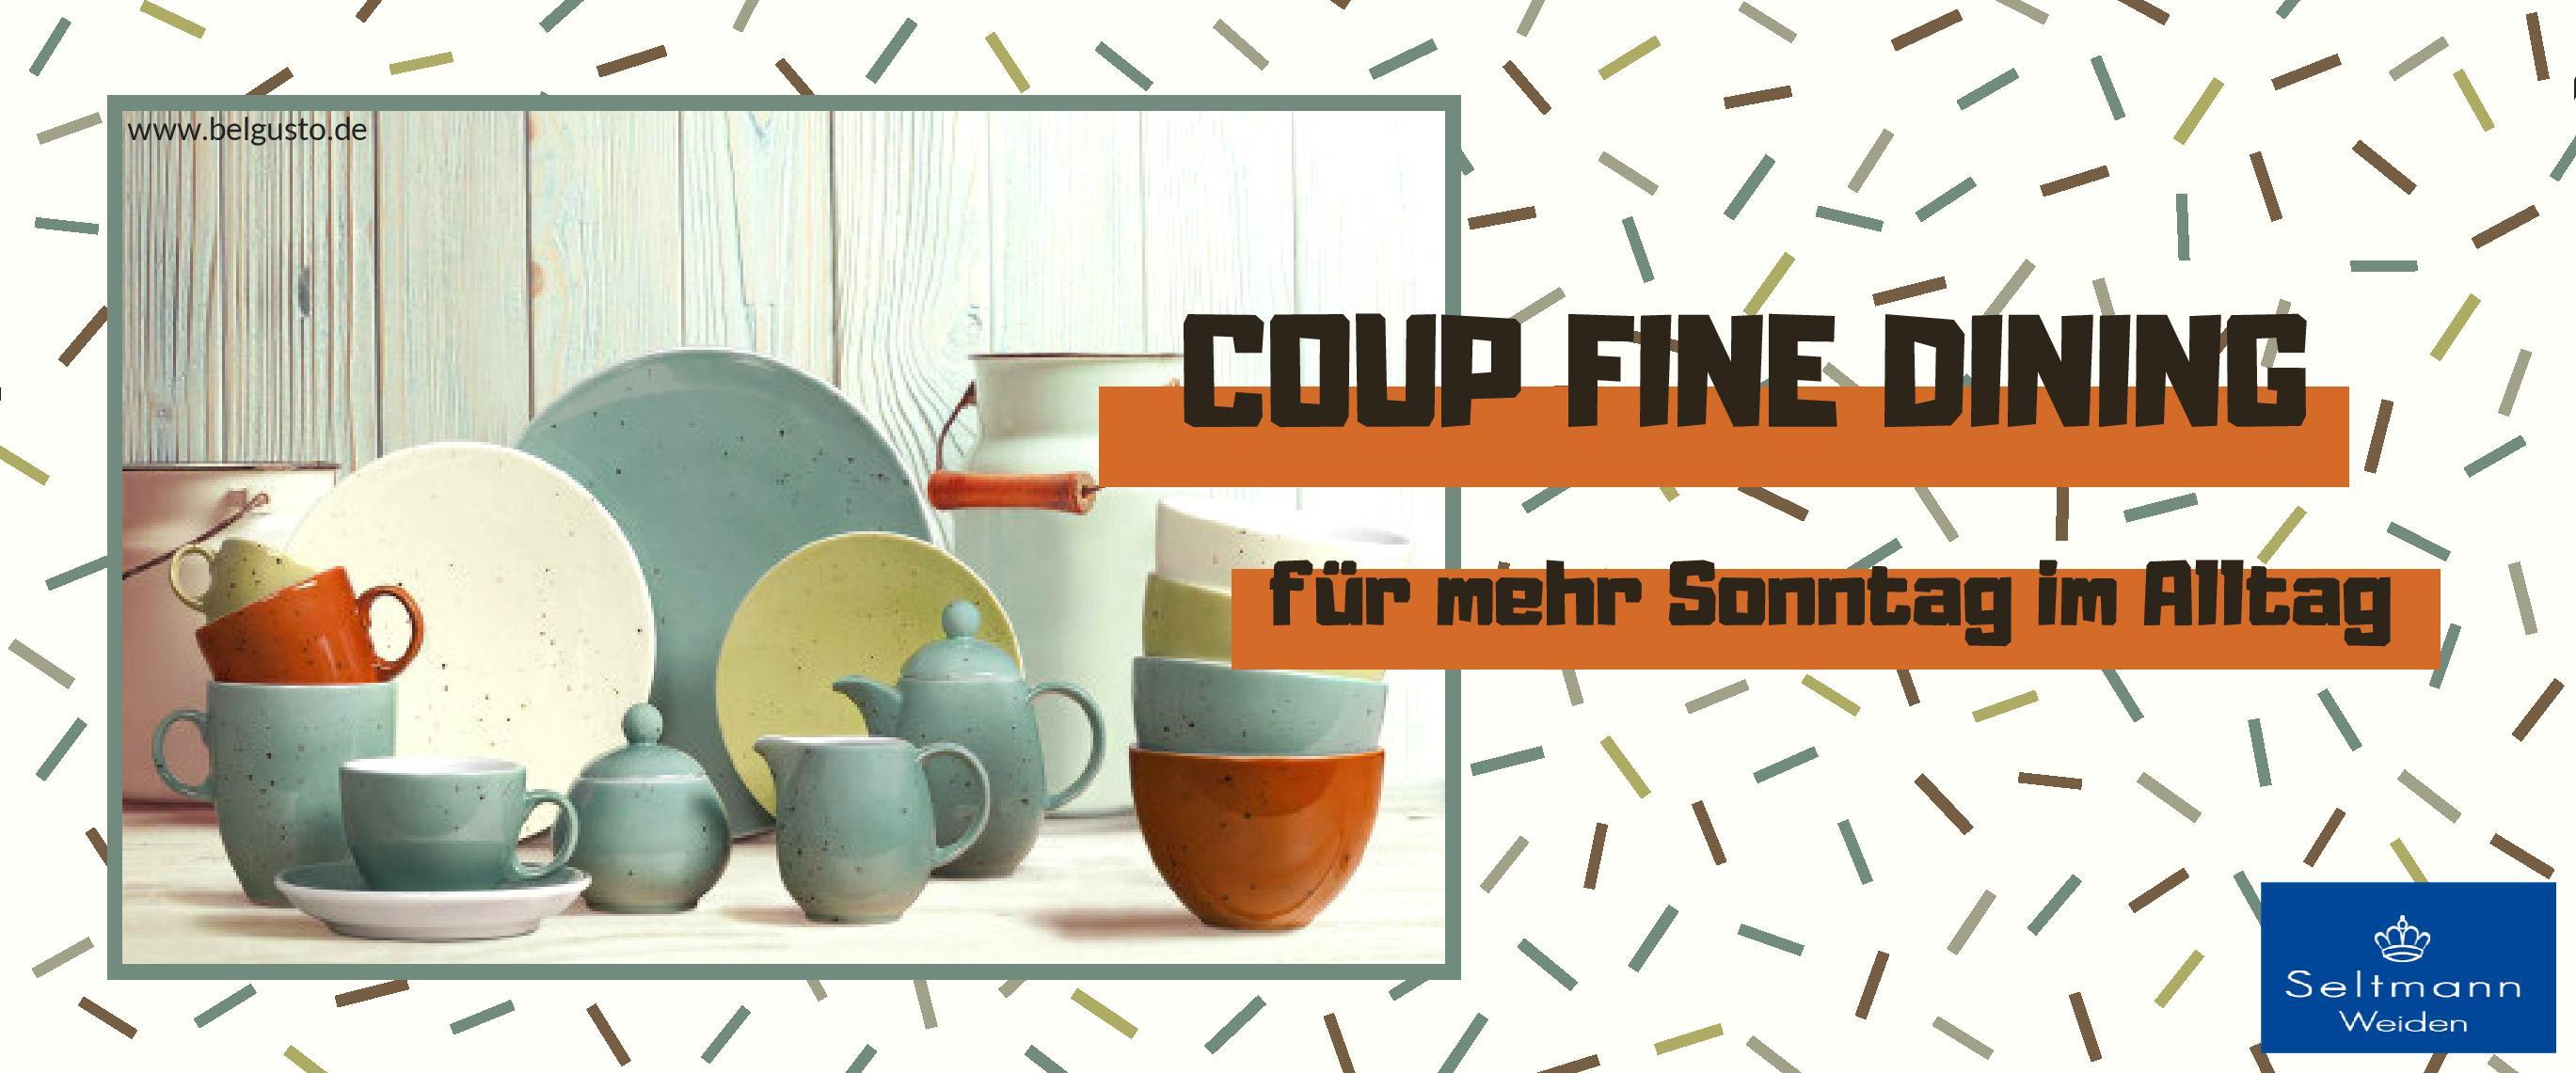 ..Serie COUP FINE DINING von Seltmann Weiden